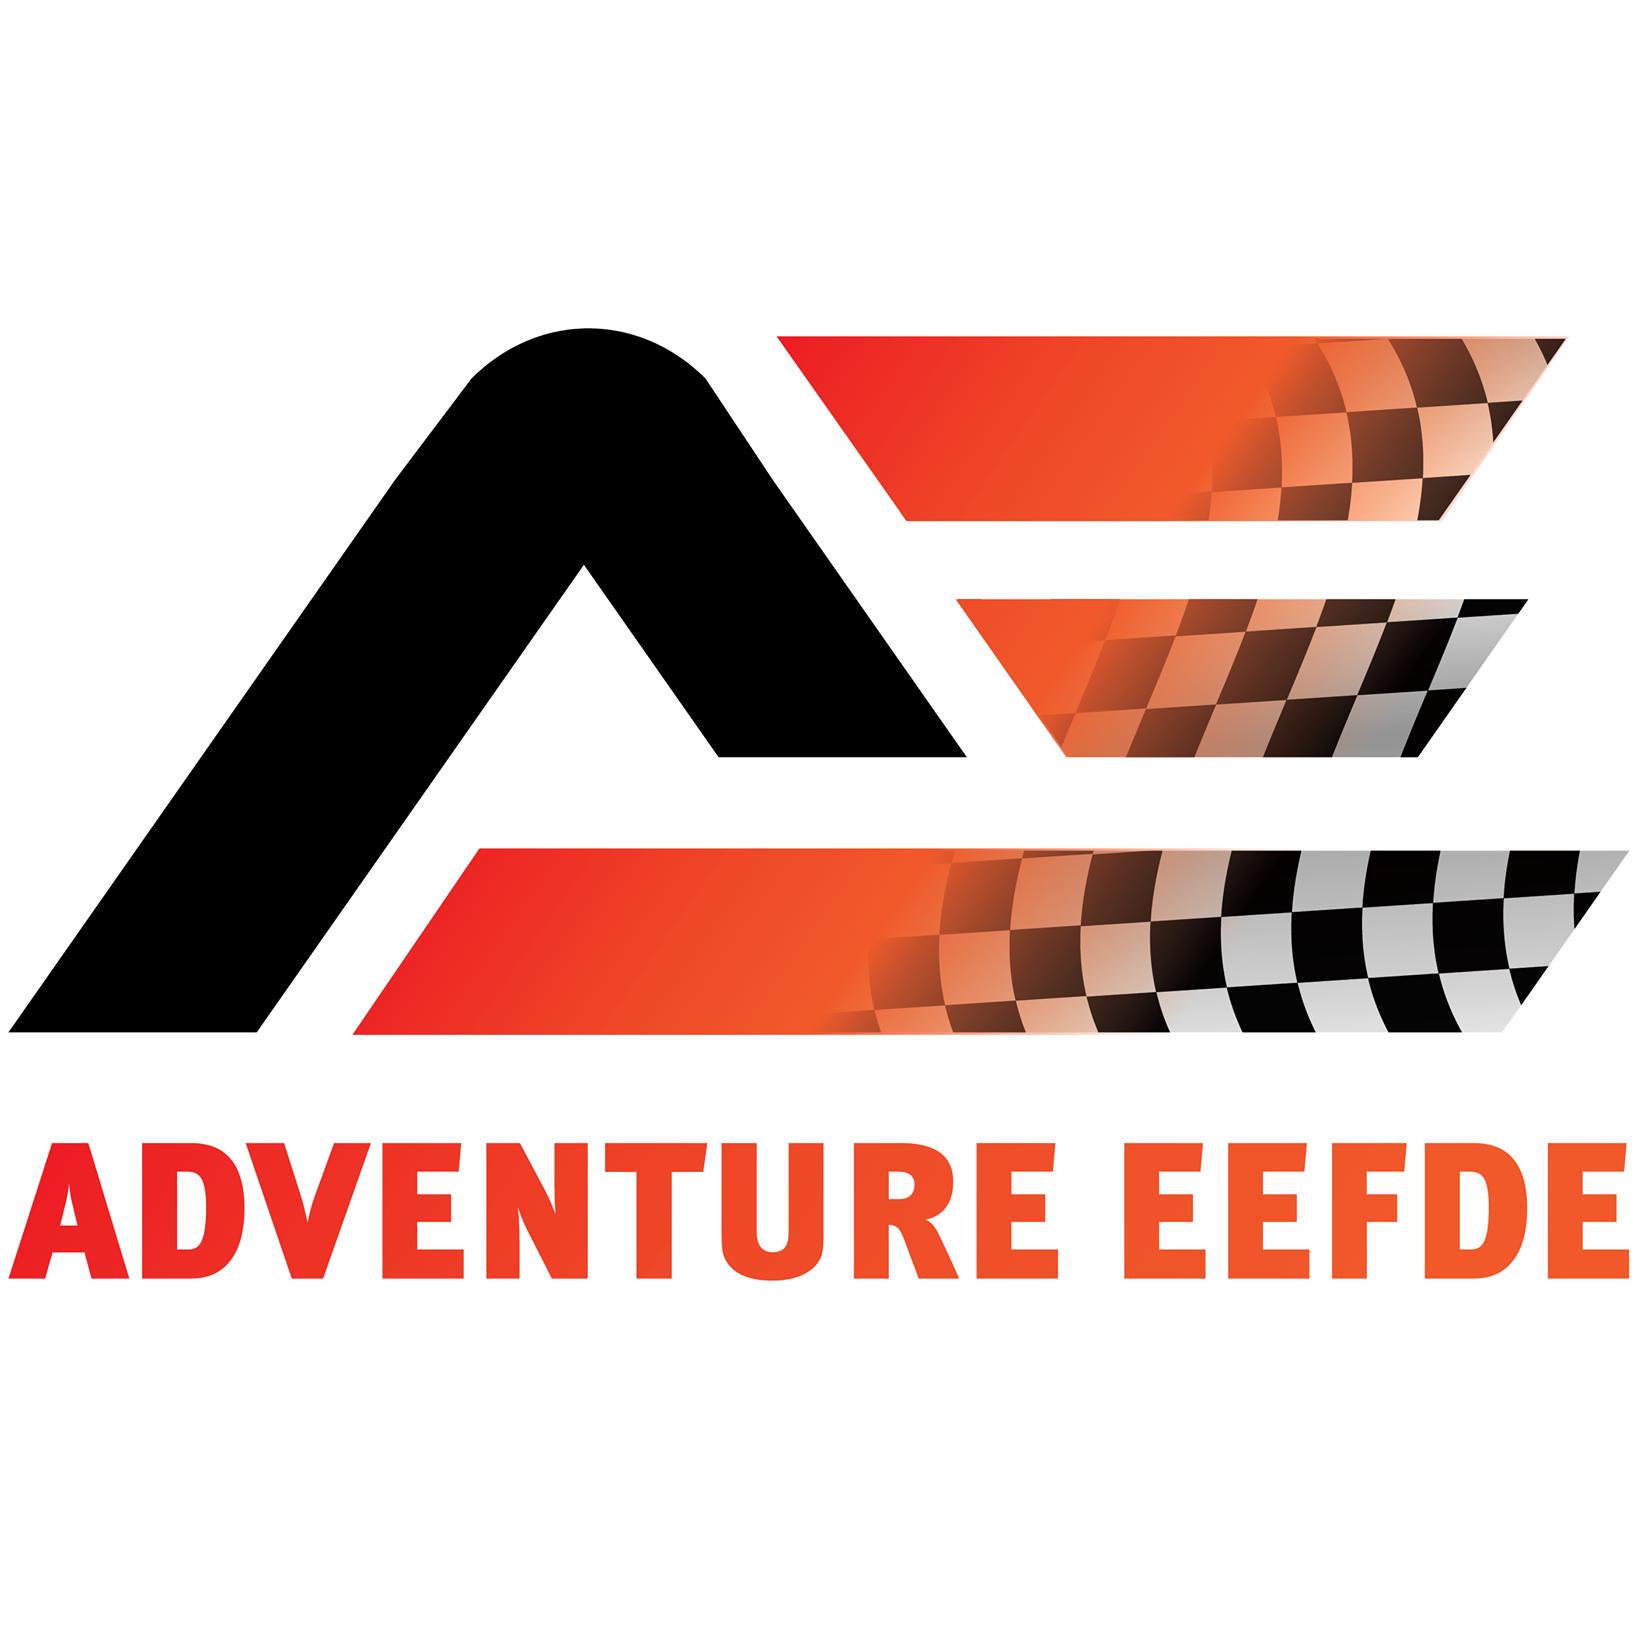 Adventure Eefde